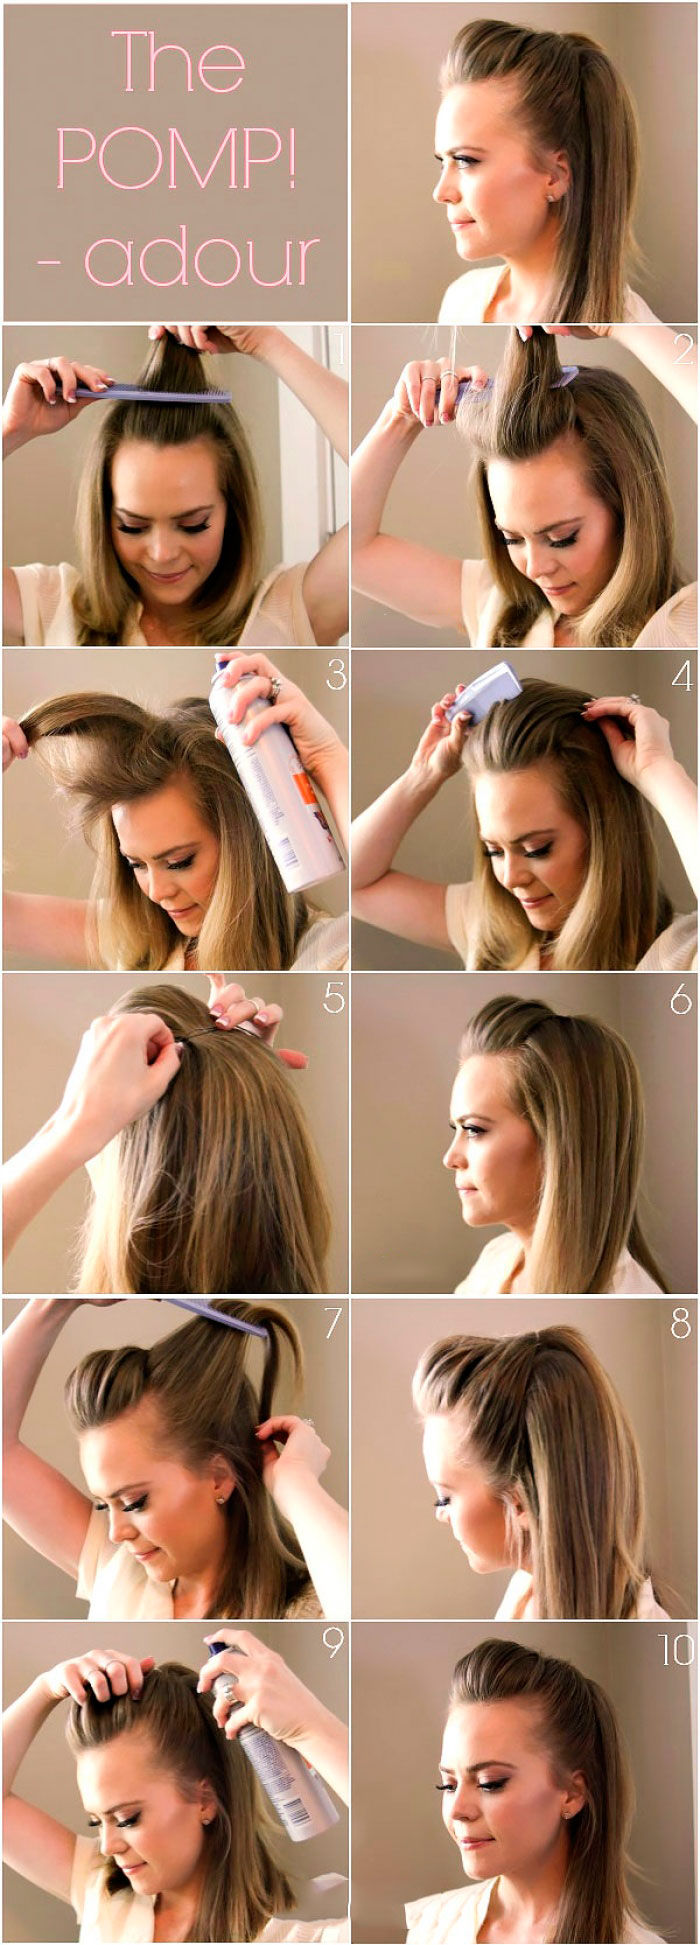 Пошаговая инструкция по выполнению вечерней объемной прически на длинные волосы